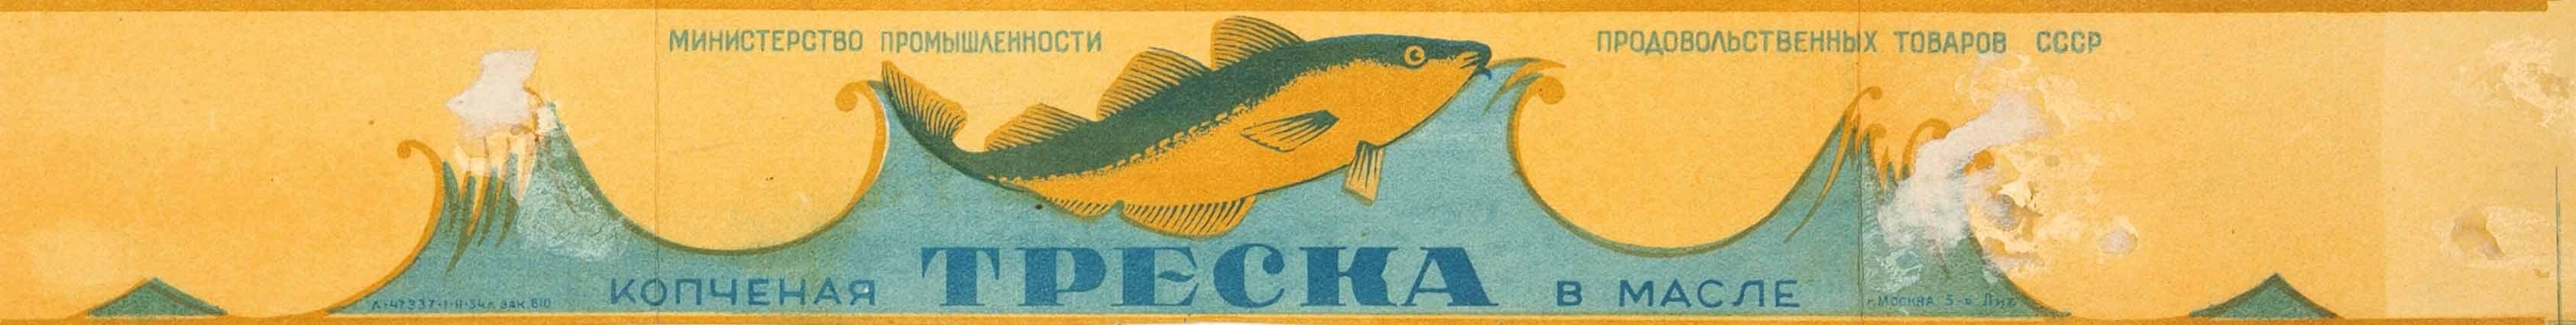 1954. Образец дизайна этикетки консервов «Треска копченая. В масле». Мин. пром-ти прод. товаров СССР